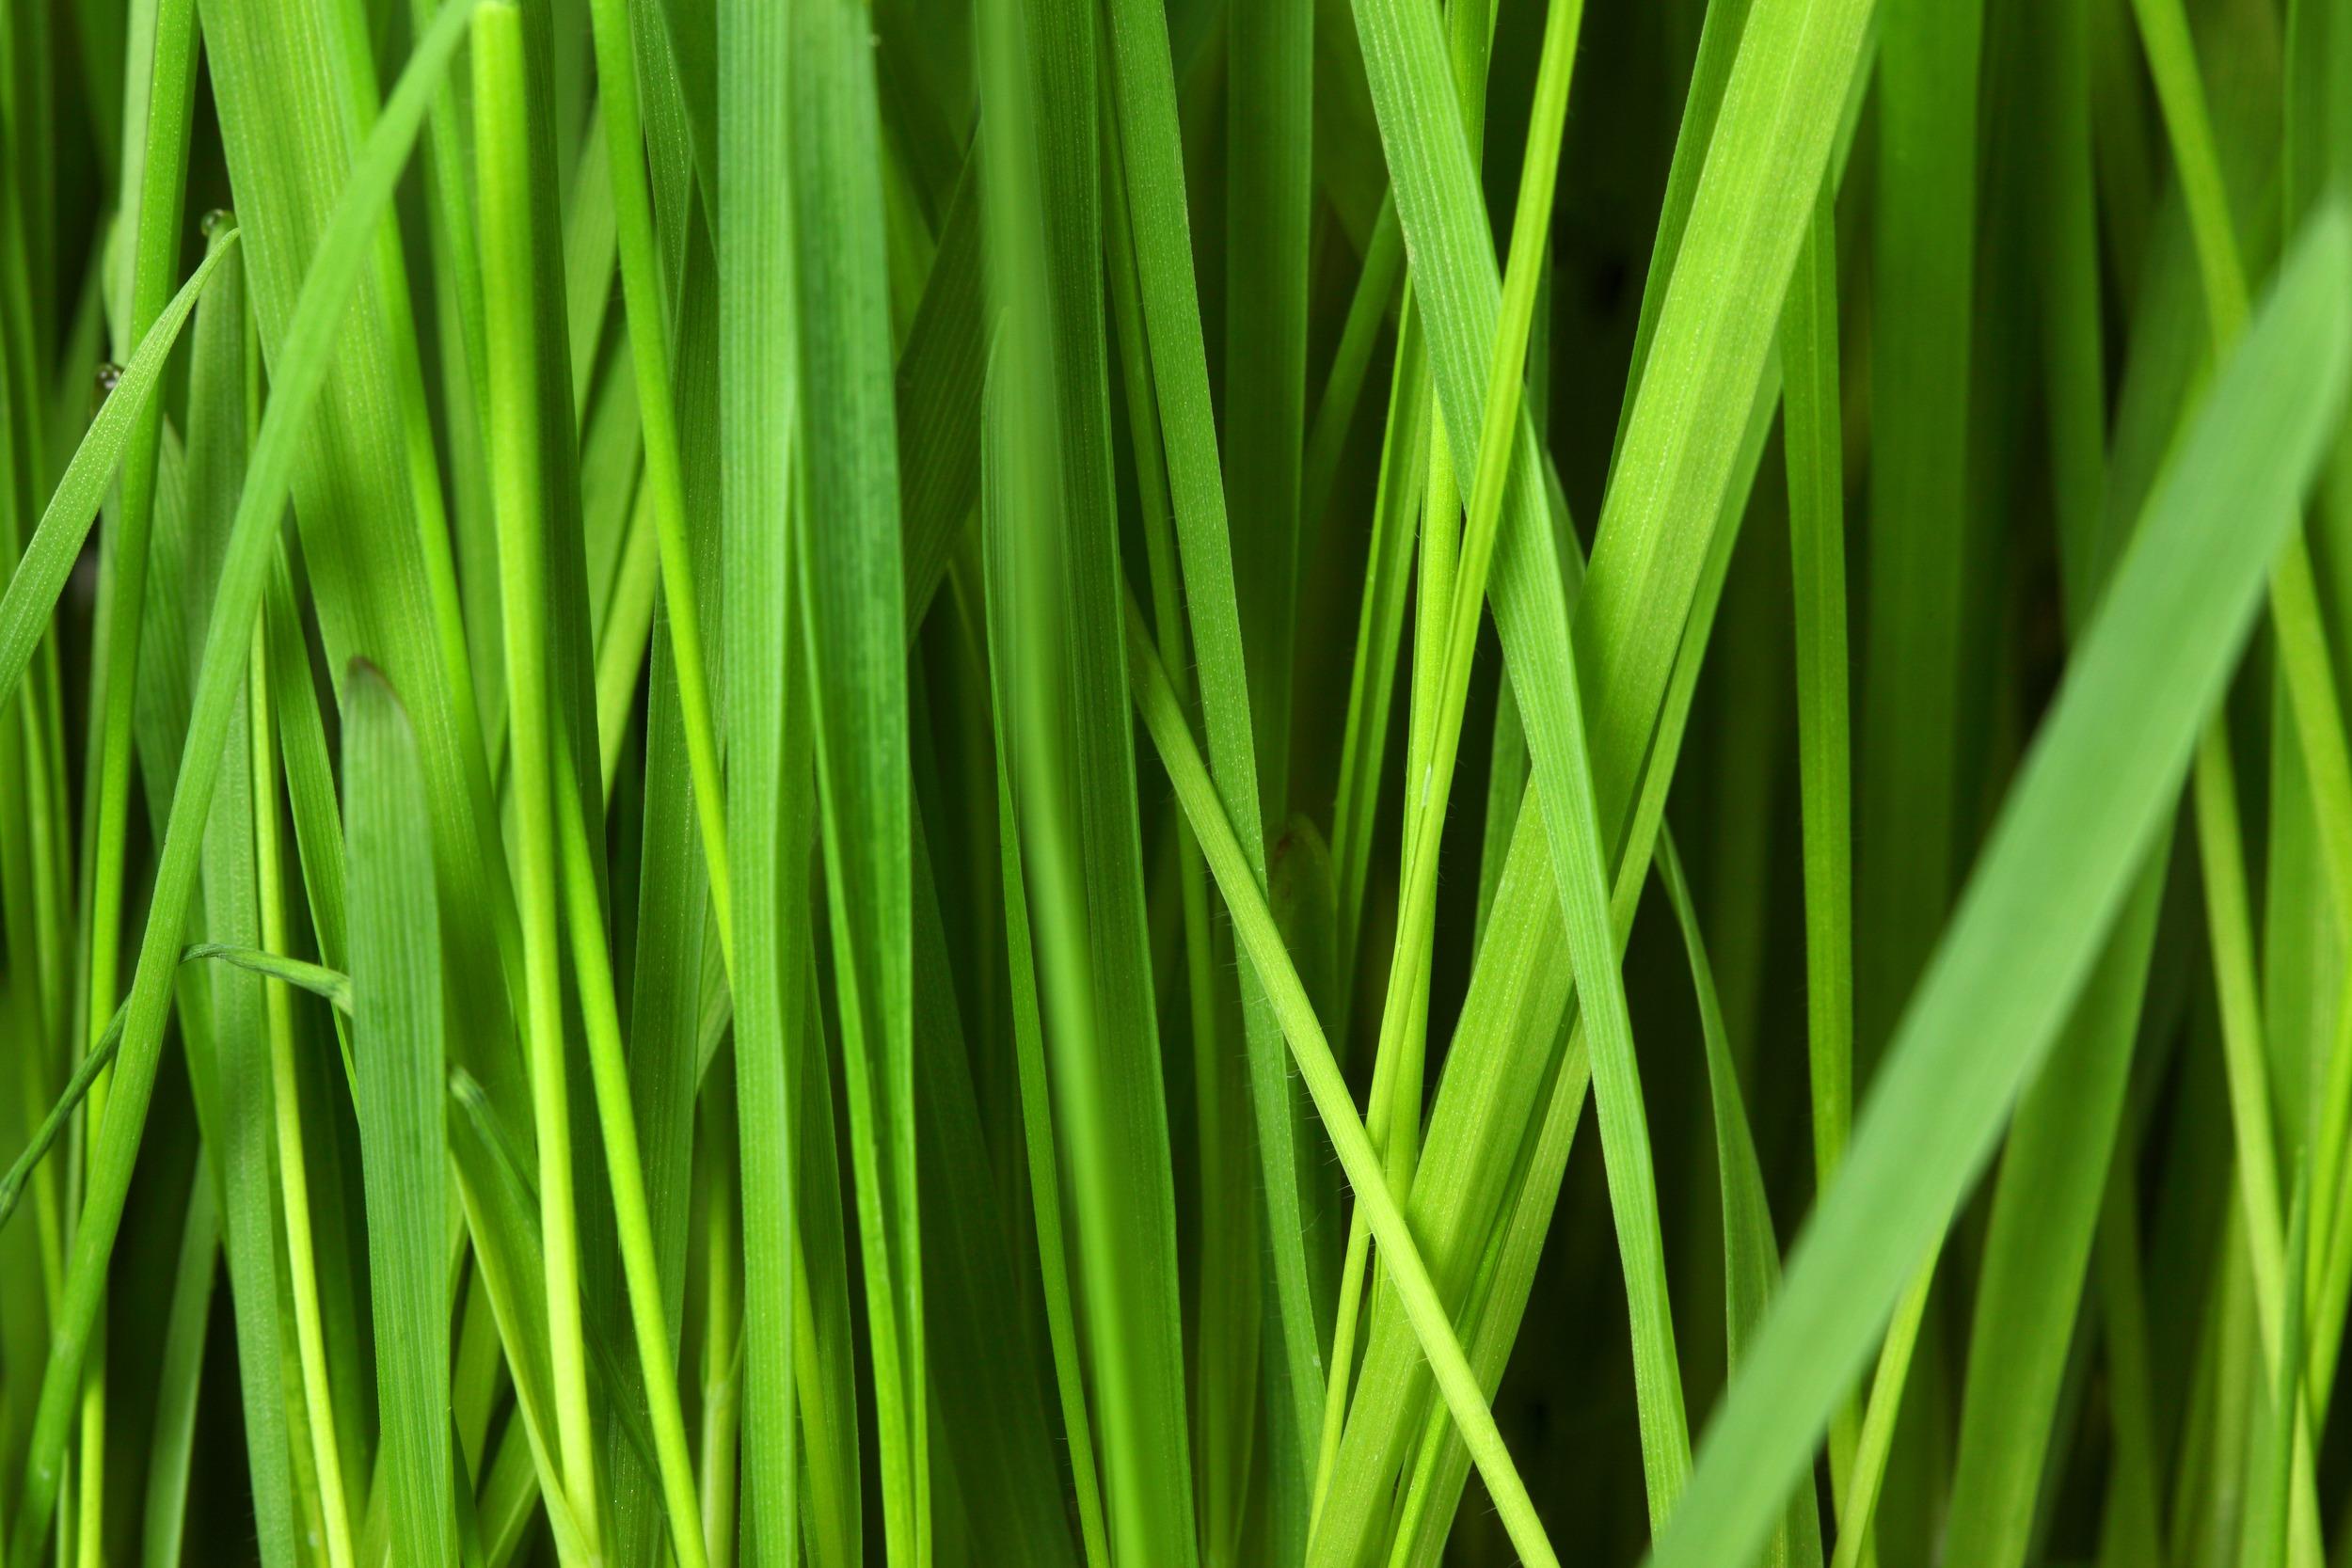 grass_background_188723.jpg